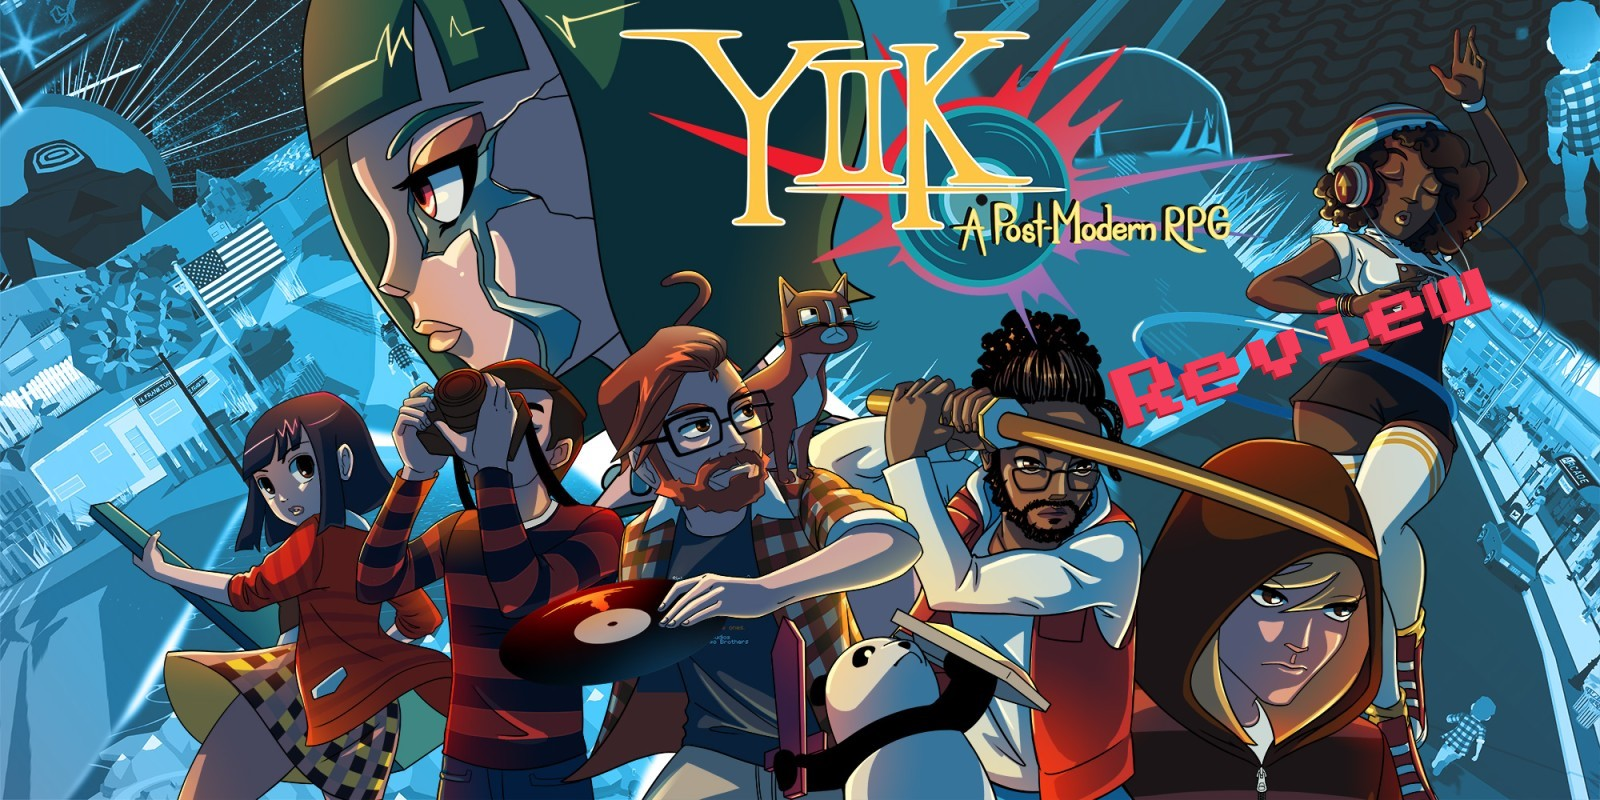 YIIK review